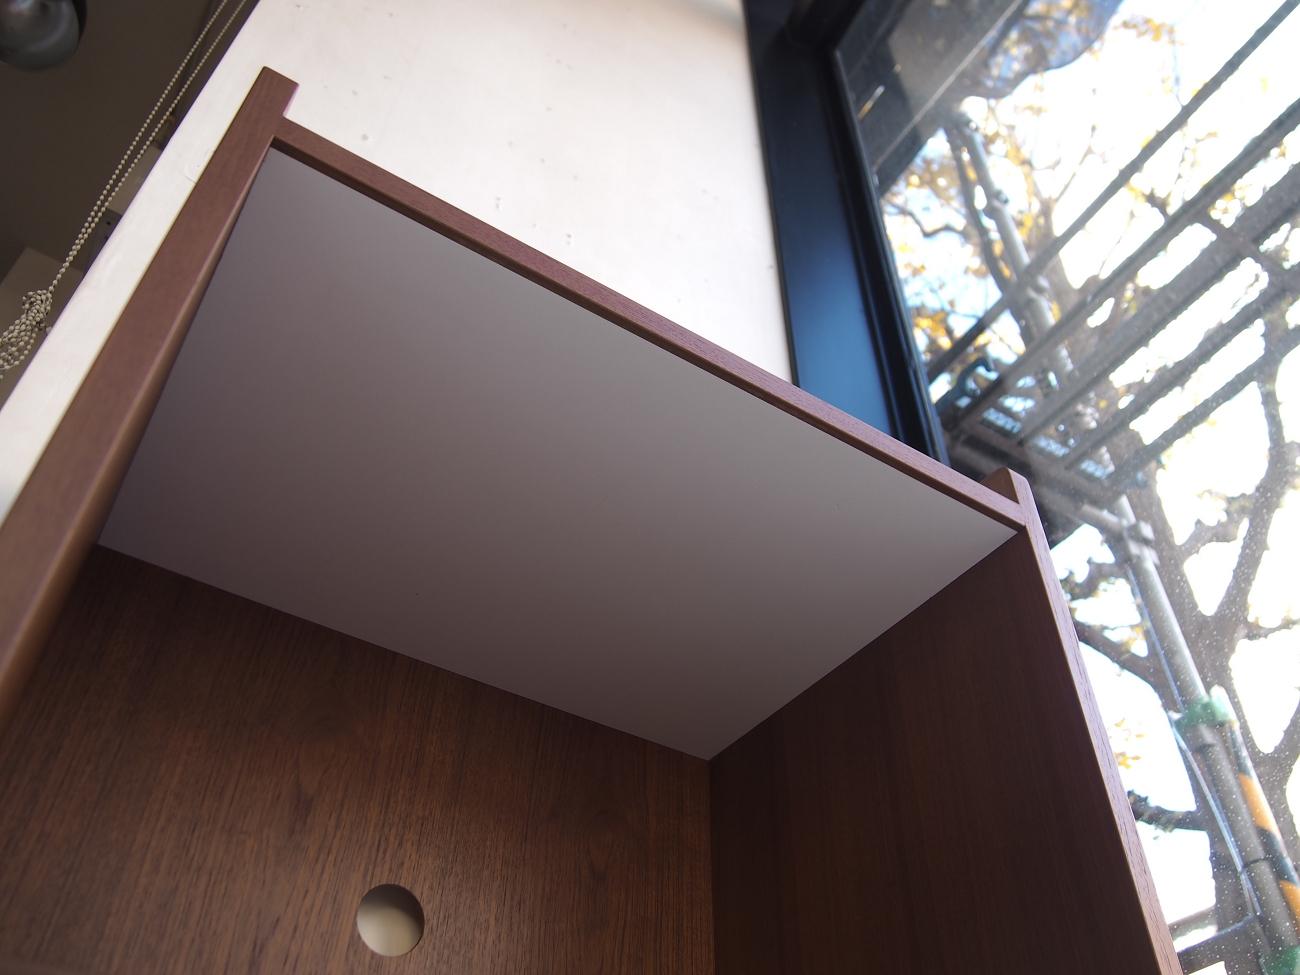 炊飯器の蒸気が直接当たっても大丈夫なように、内側をメラミン素材にて作製